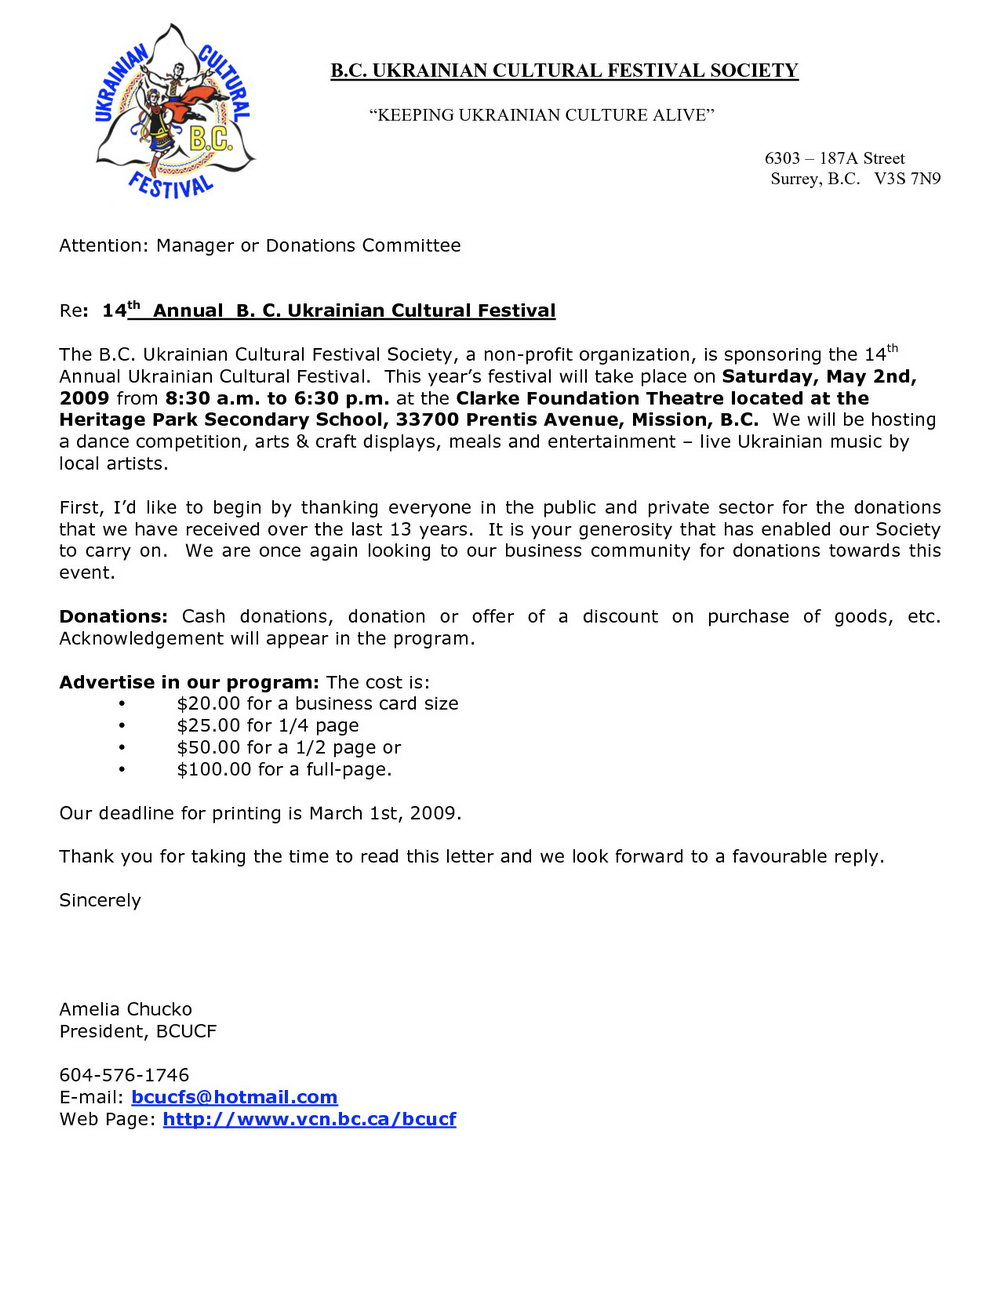 Donation Letter Template Non Profit